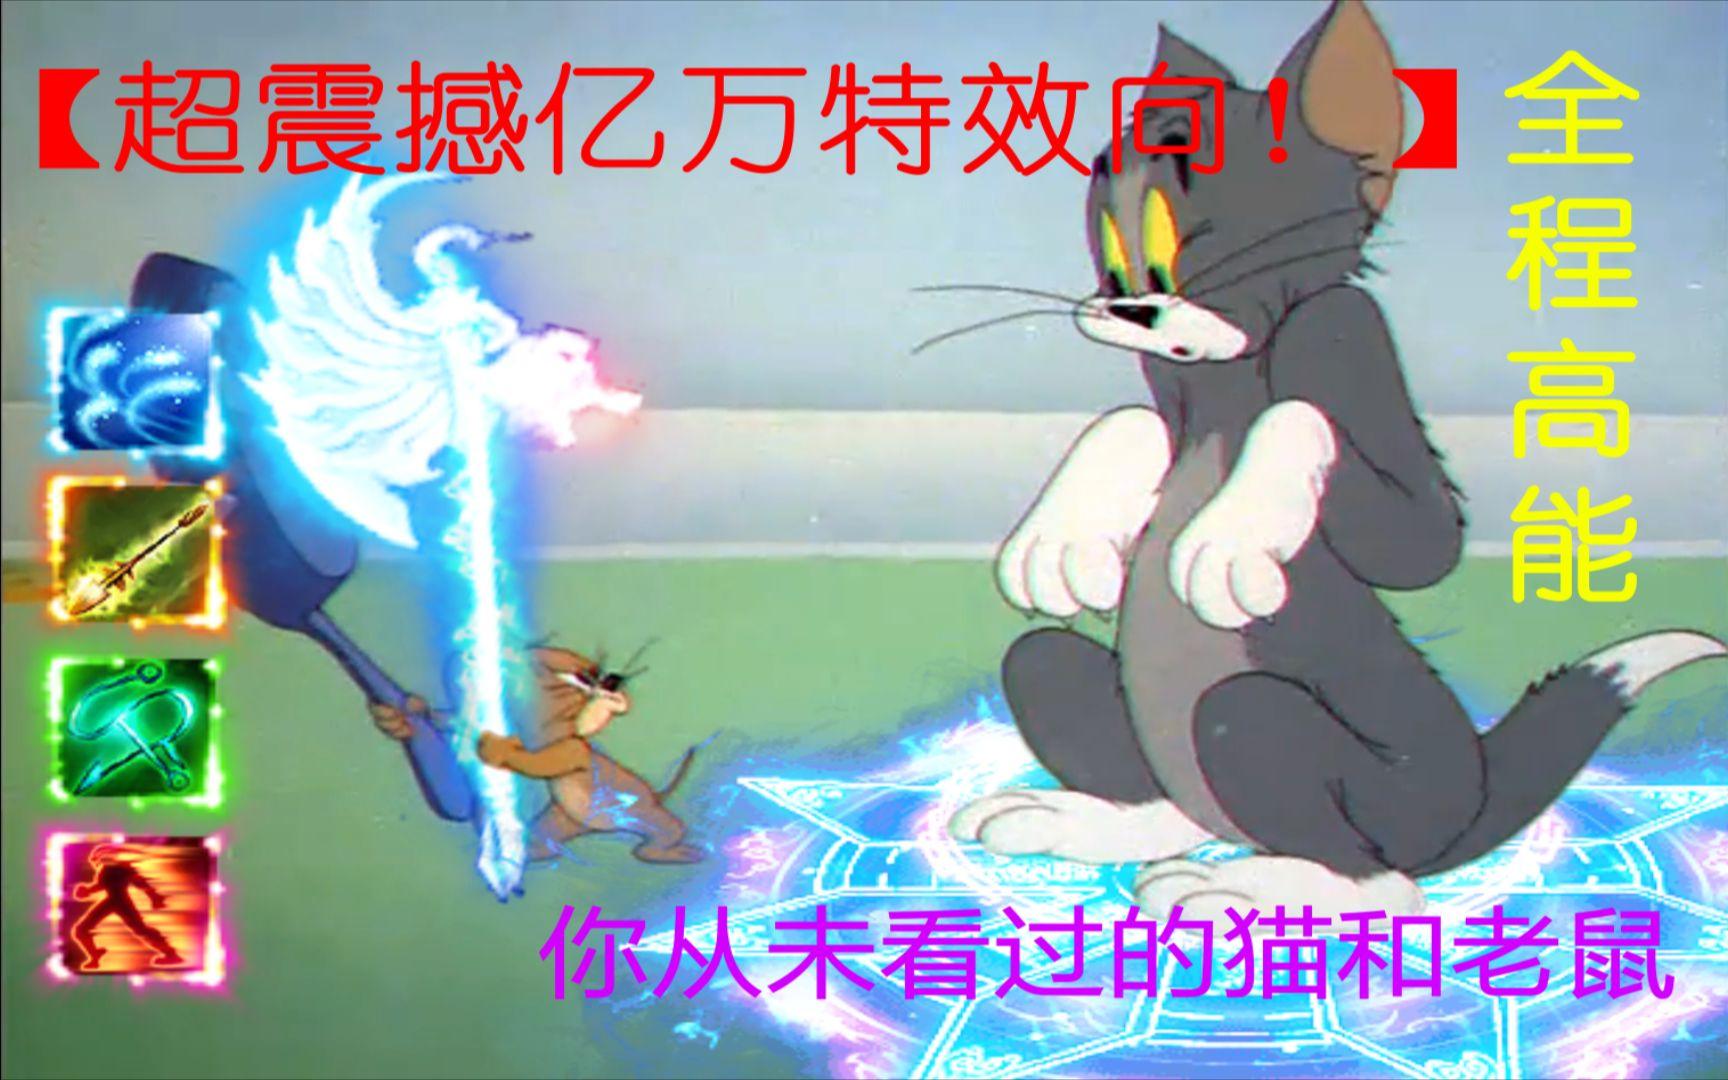 (超震撼亿万特效向!)你从未看过的史诗级猫和老鼠鬼畜配音之请保持安♂静